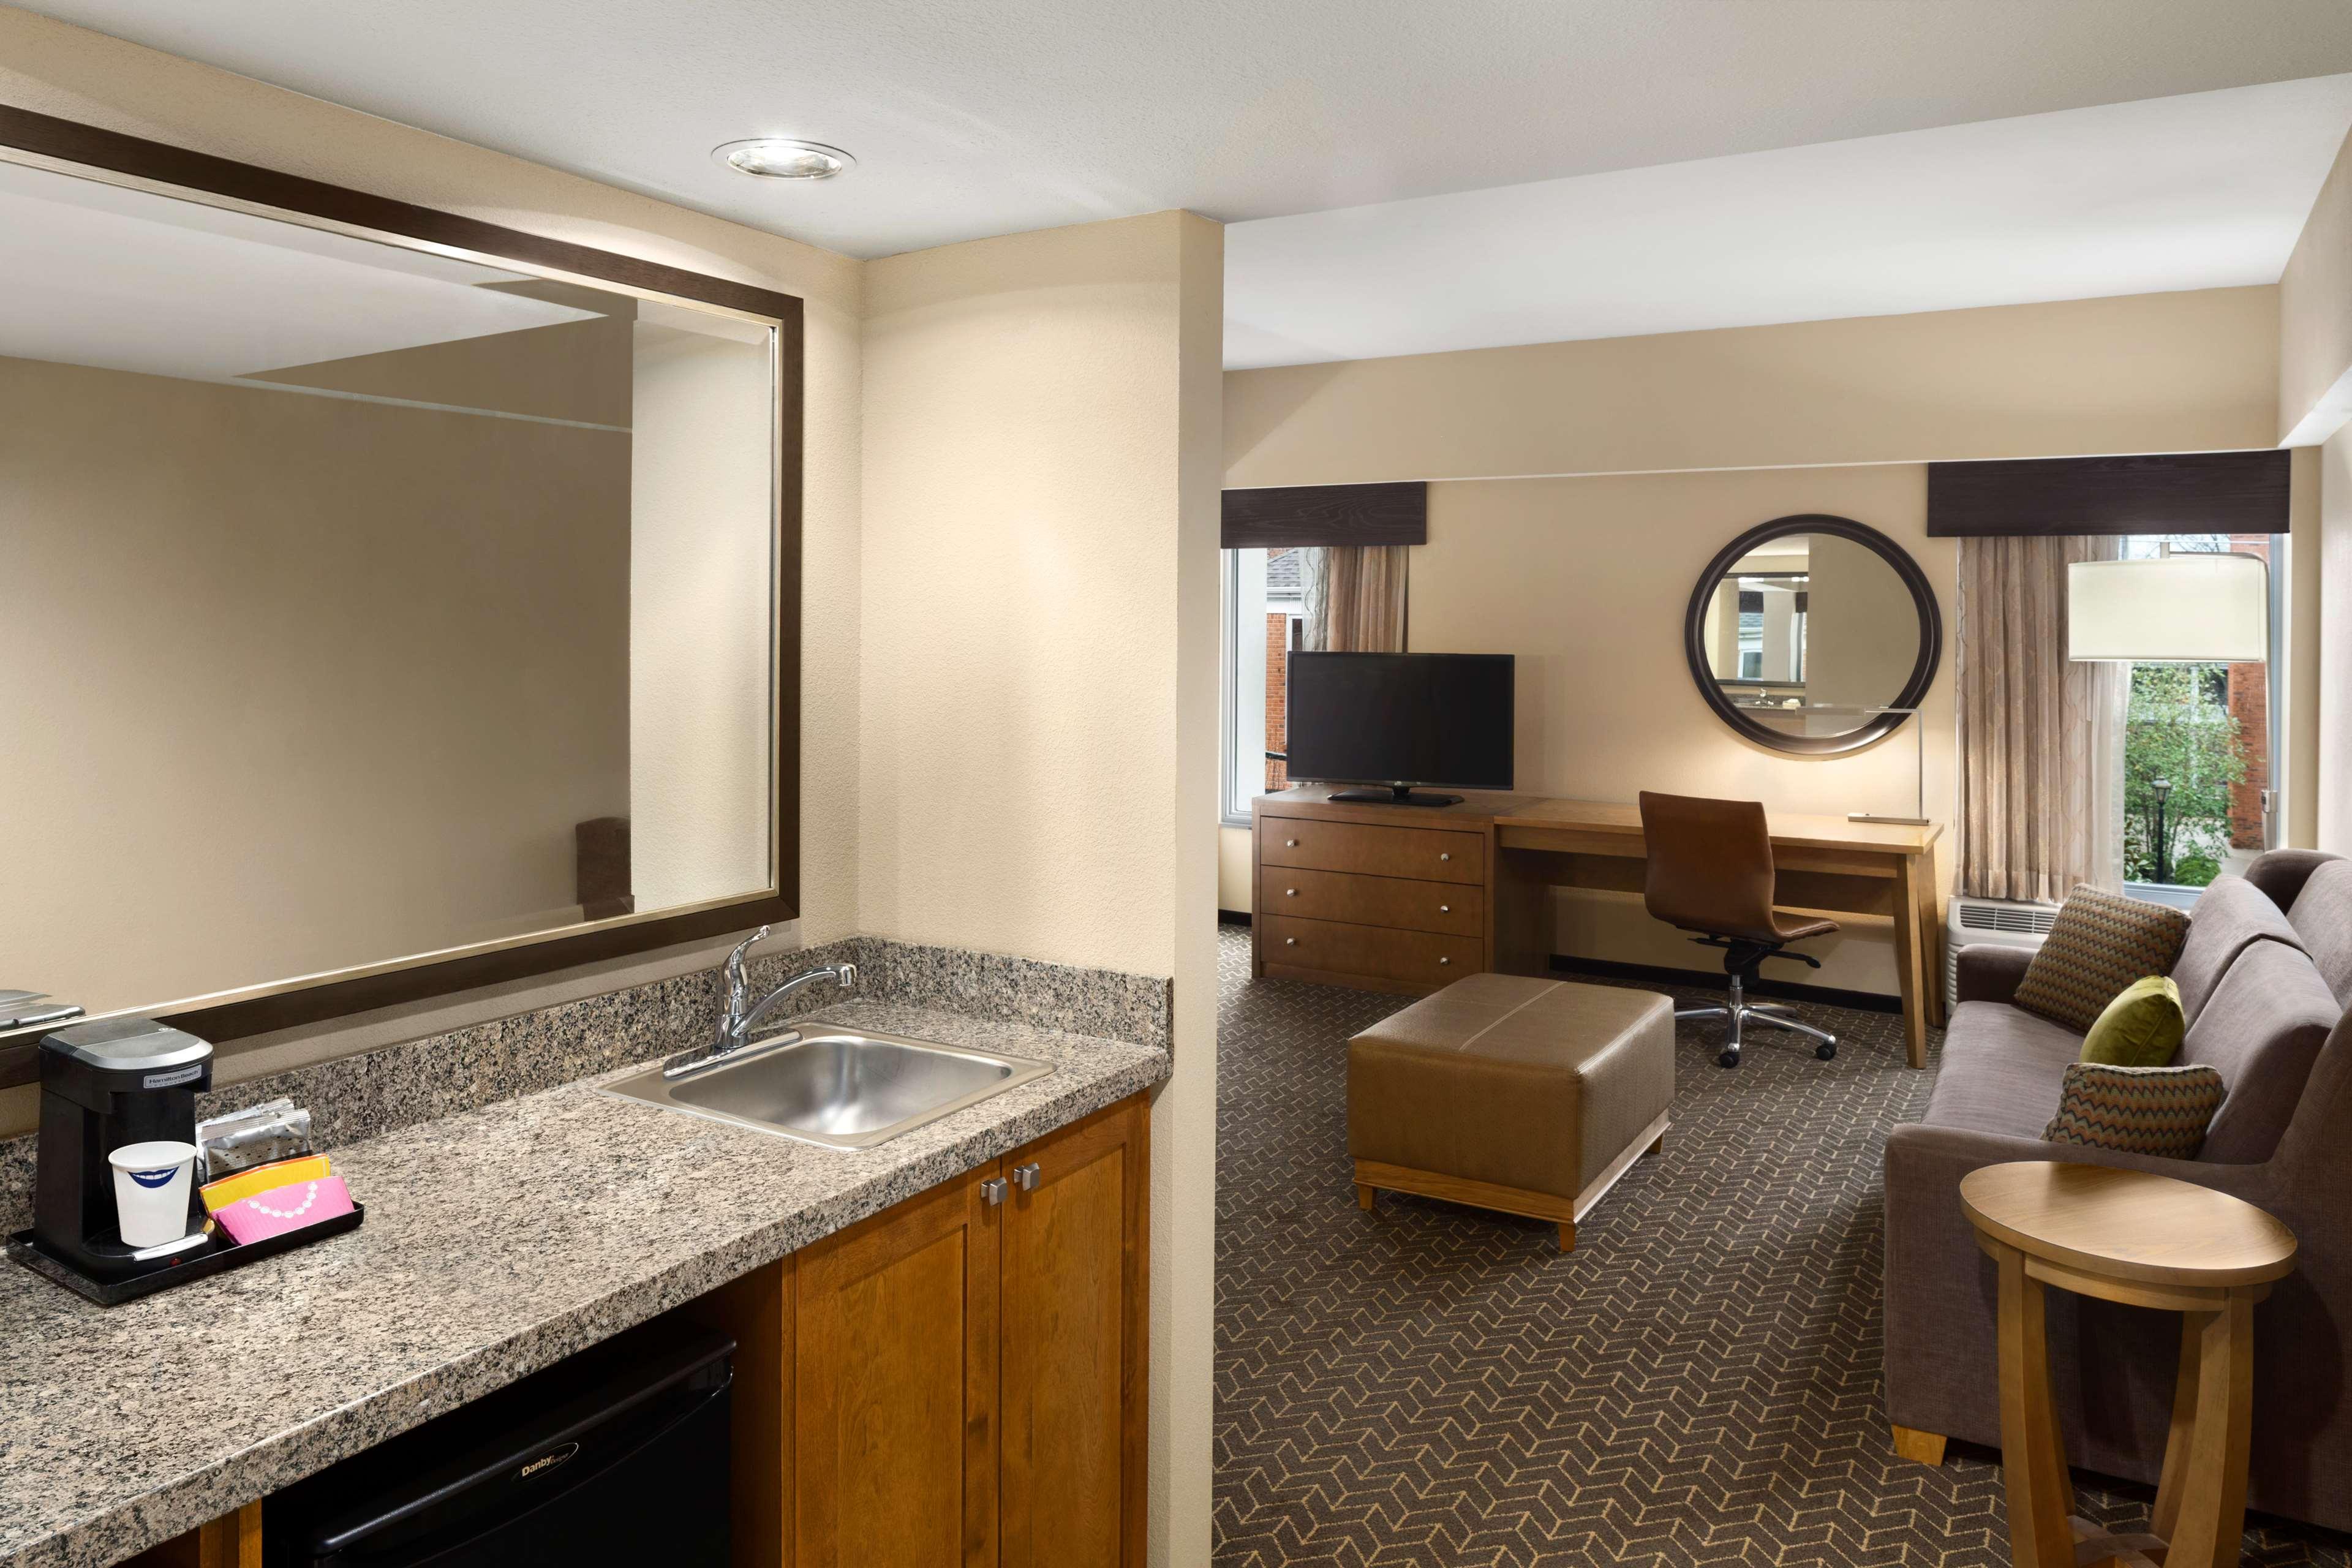 Hampton Inn and Suites Clayton/St Louis-Galleria Area image 15